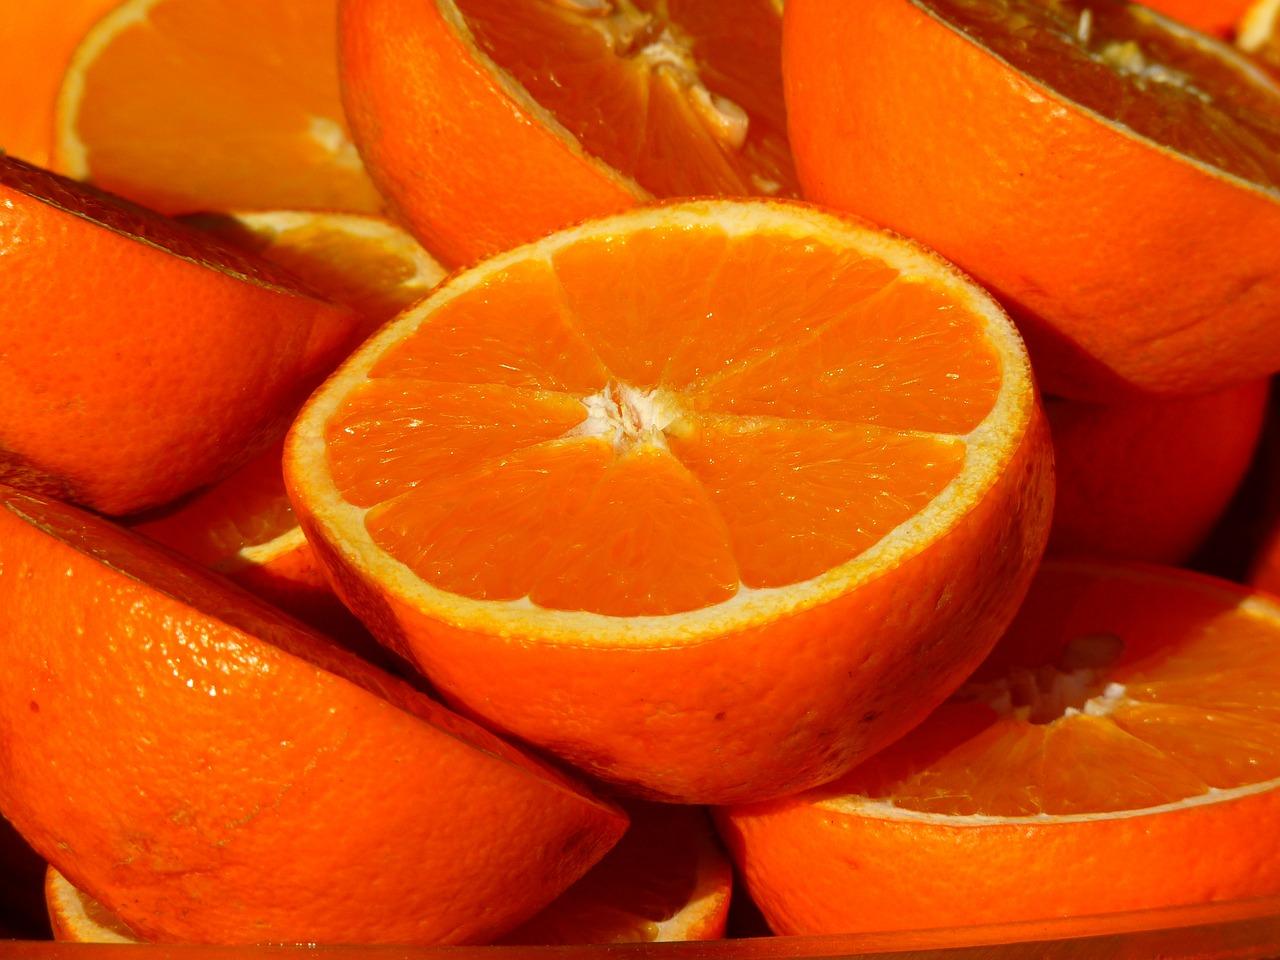 CitrusBr projeta queda de 32% na produção de suco de laranja na safra 2020/21